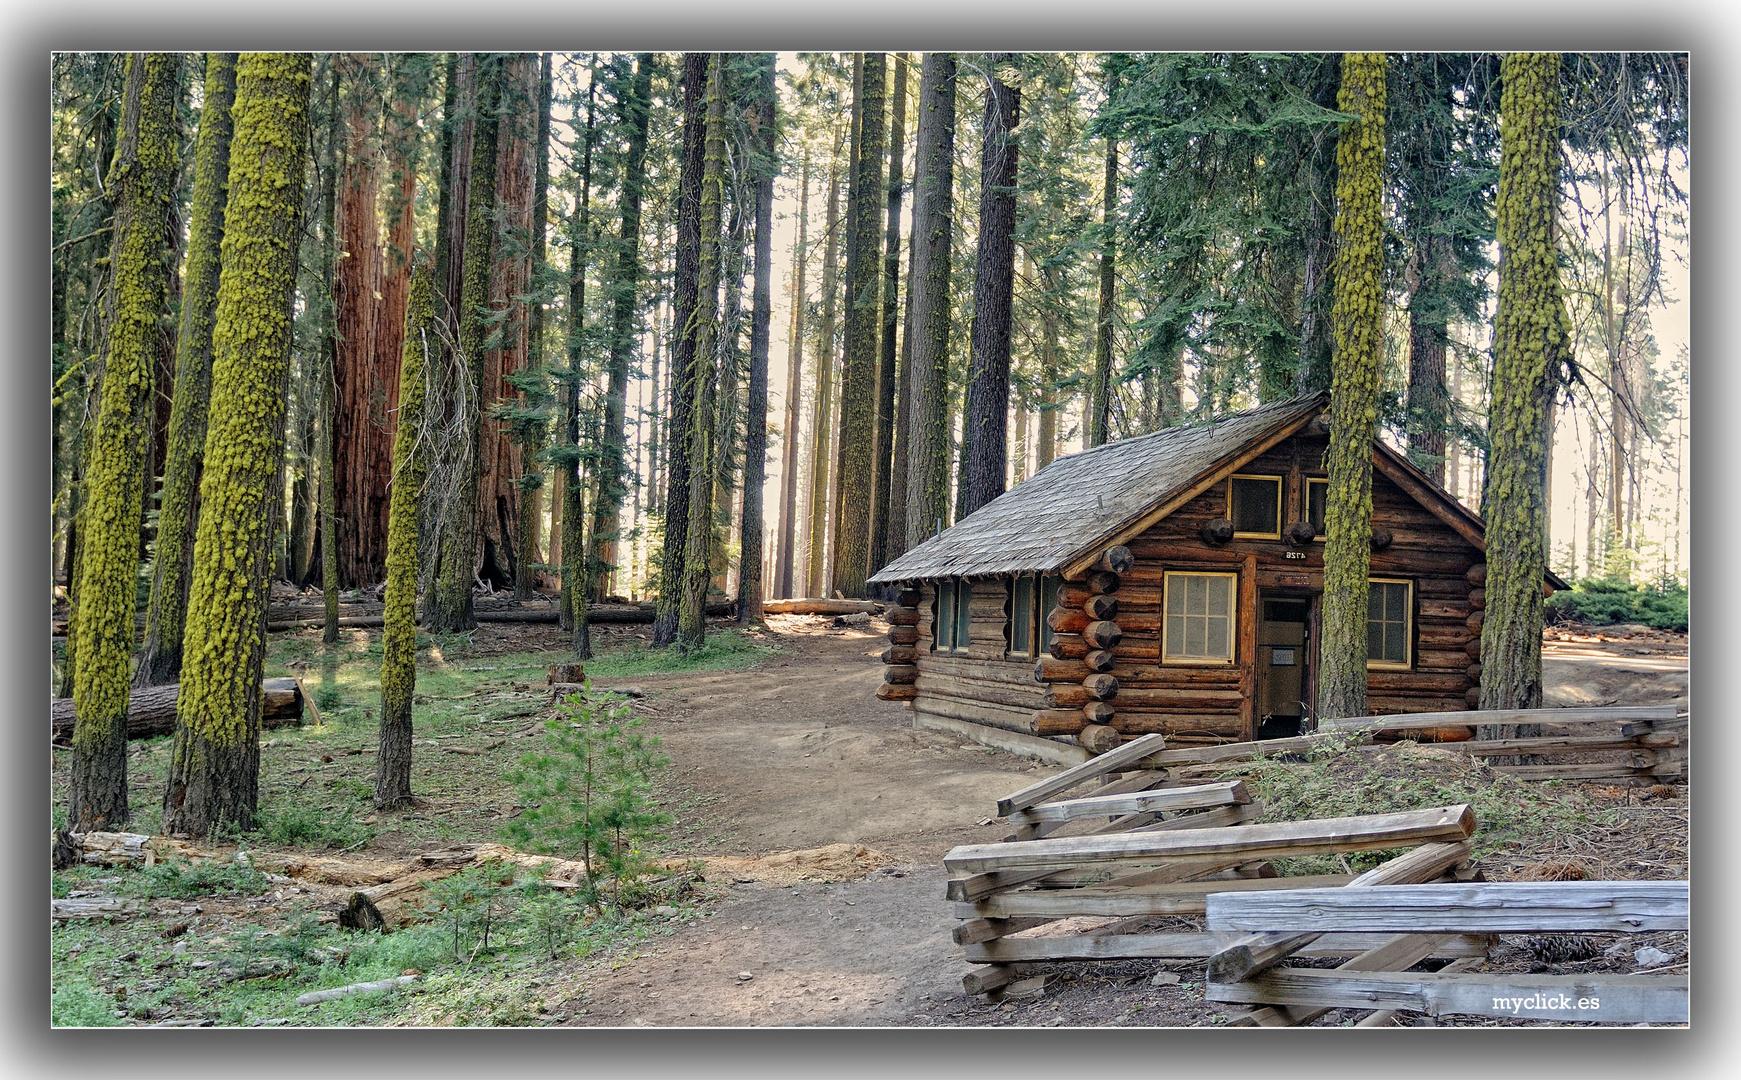 En el lejano oeste una casita en el bosque pn yosemite california usa imagen foto paisajes - Casitas del bosque ...